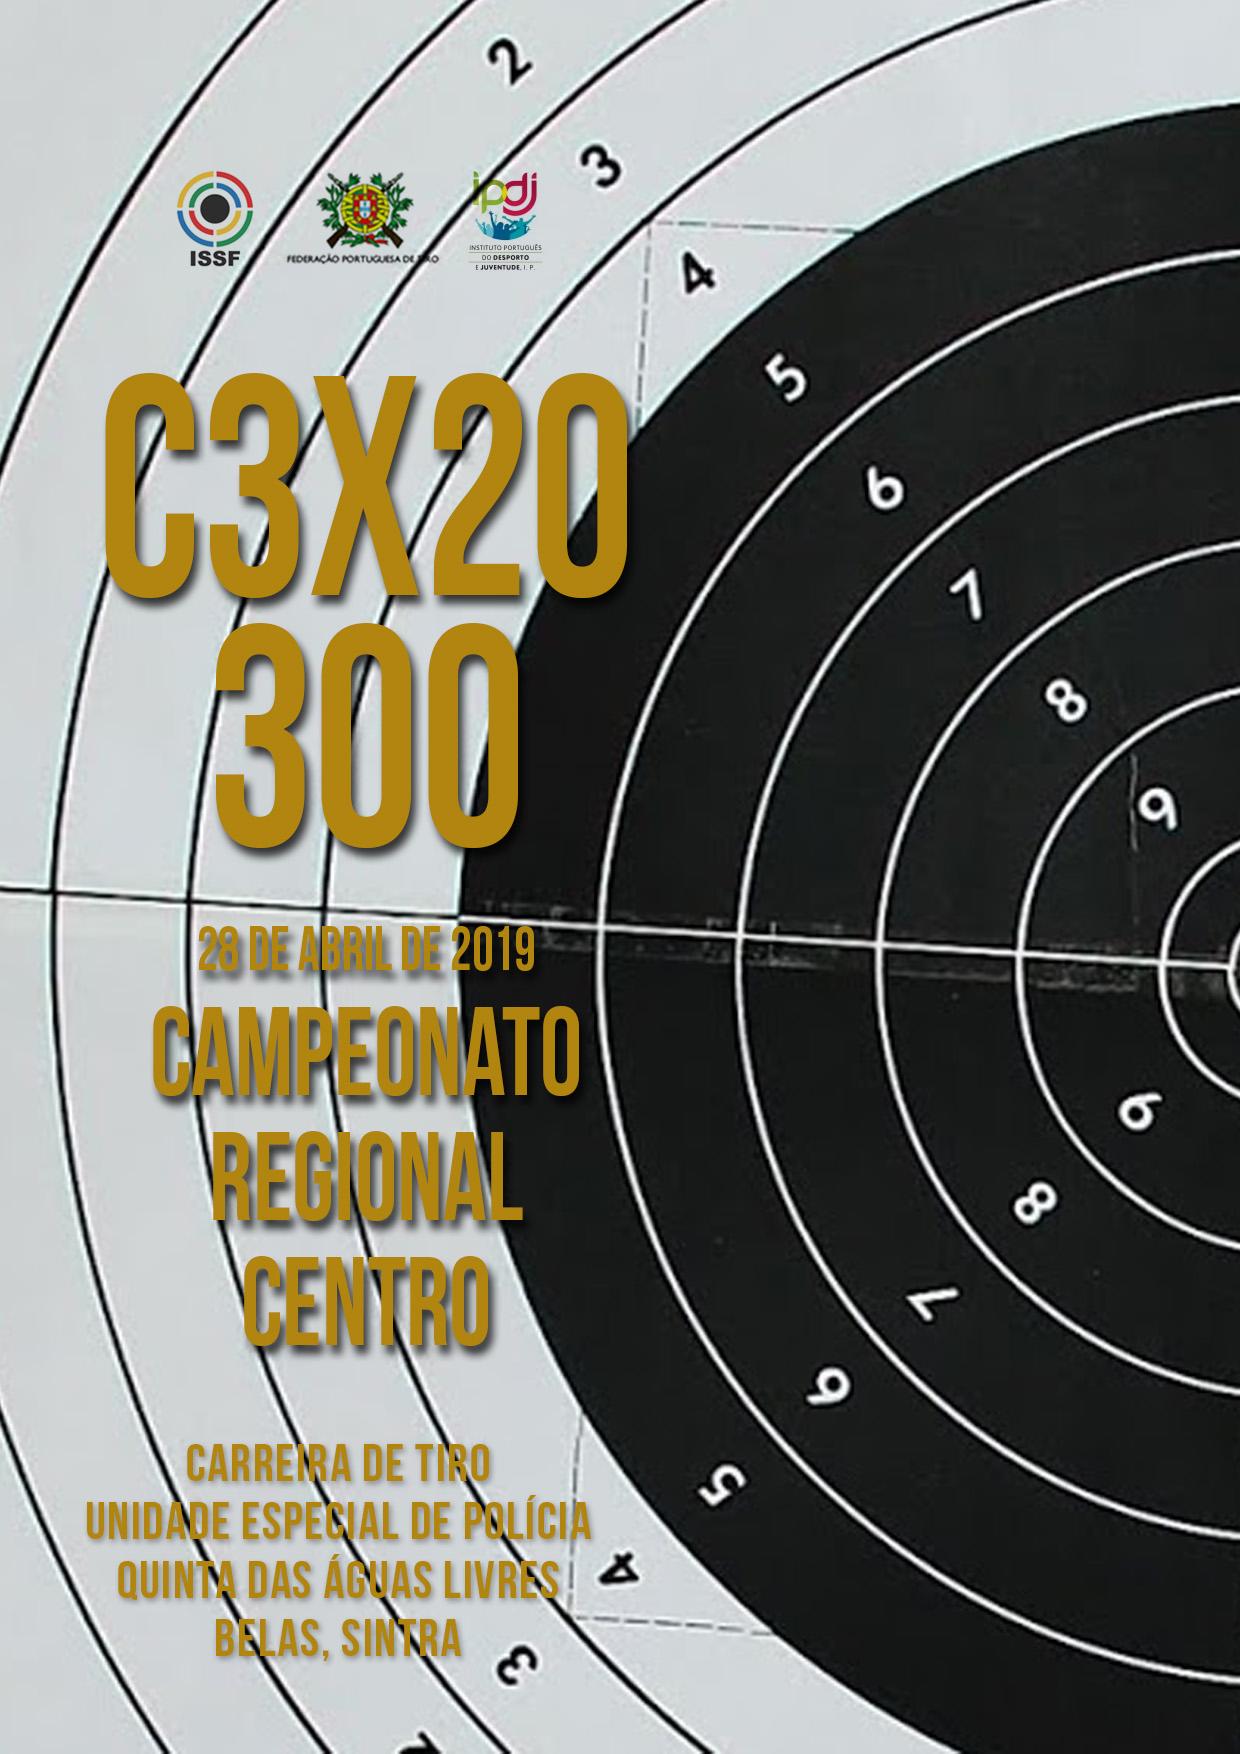 Campeonato Regional Centro C3x20 300 2019